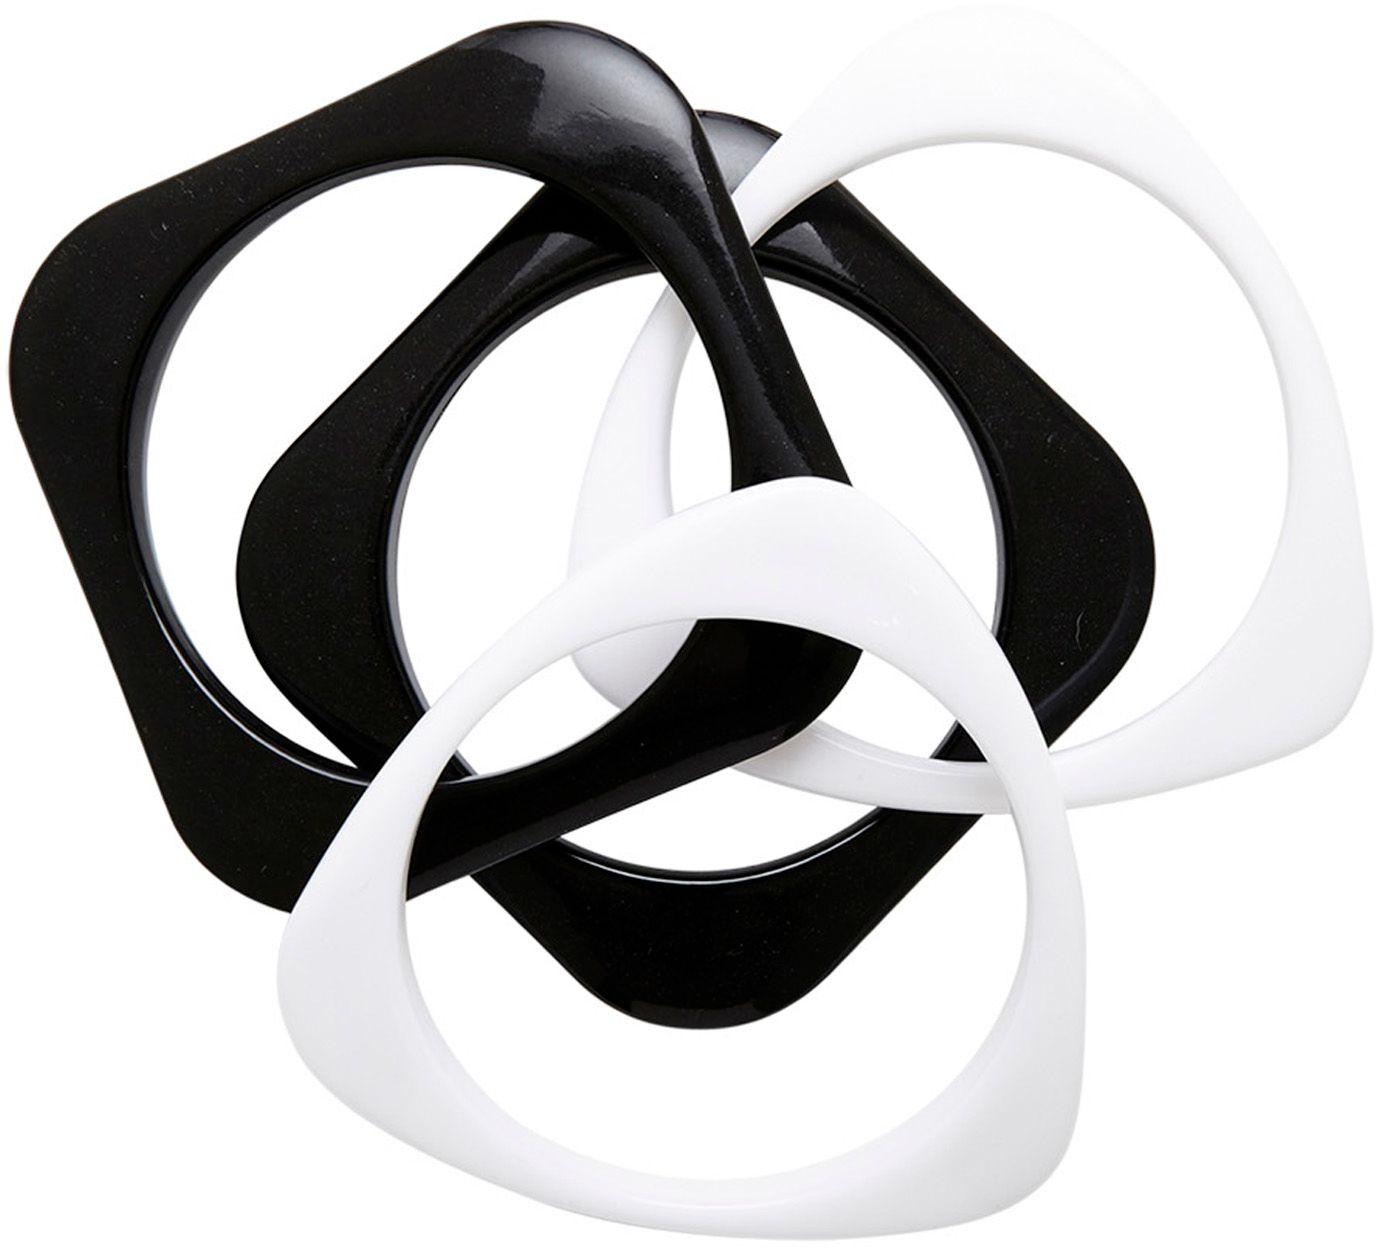 Zwart-witte disco armbanden 4 stuks